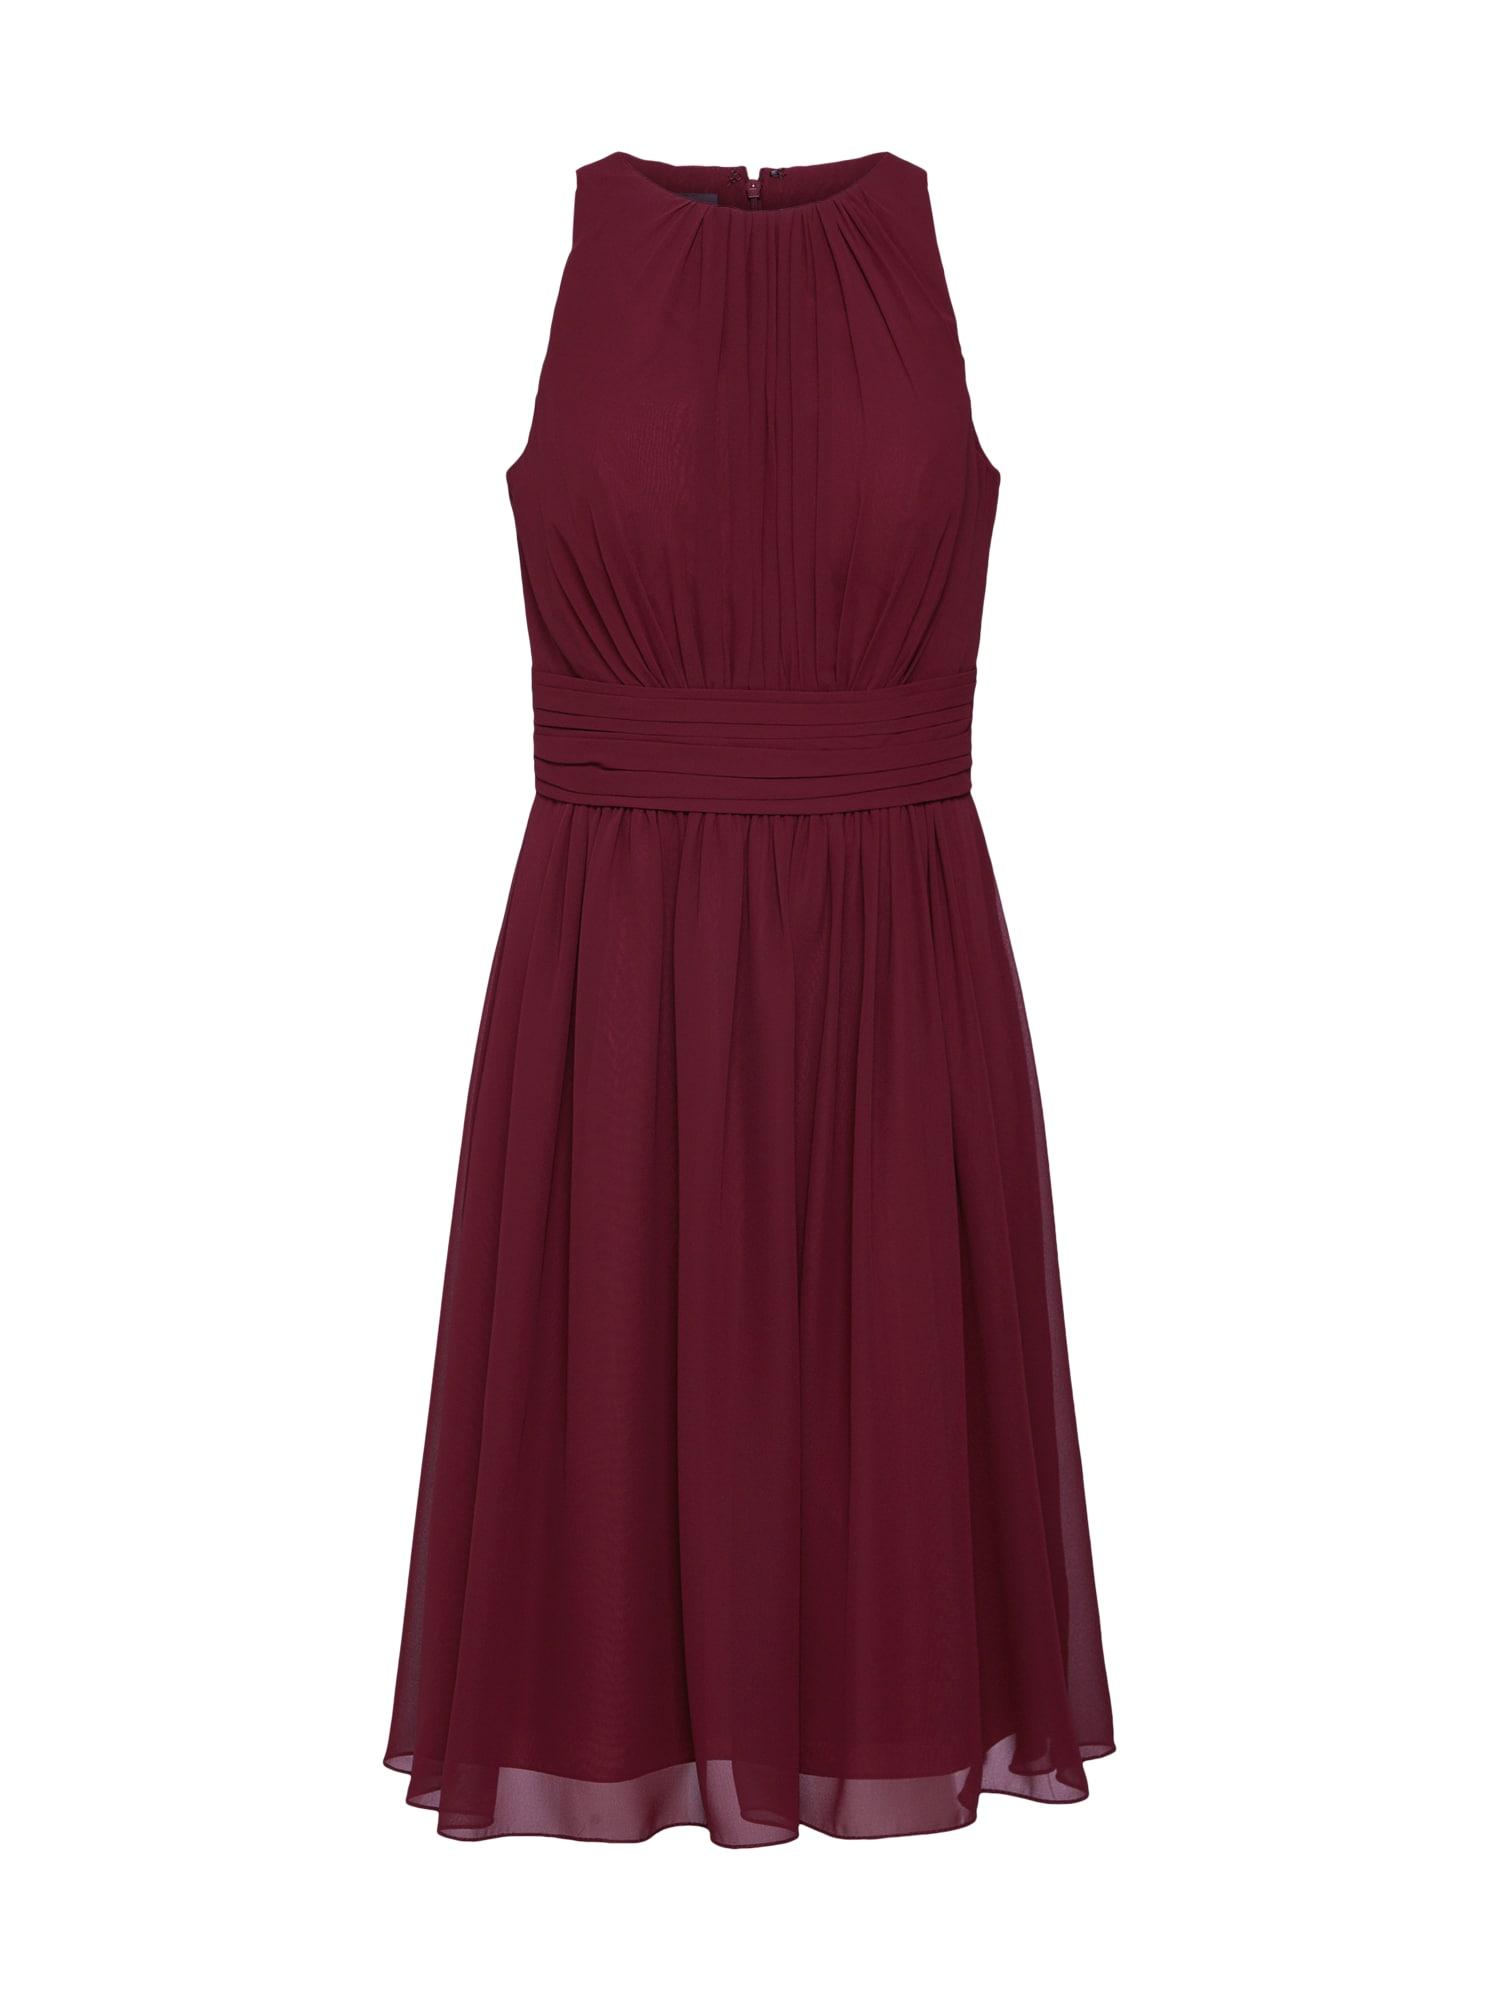 Koktejlové šaty short dress chiffon burgundská červeň STAR NIGHT